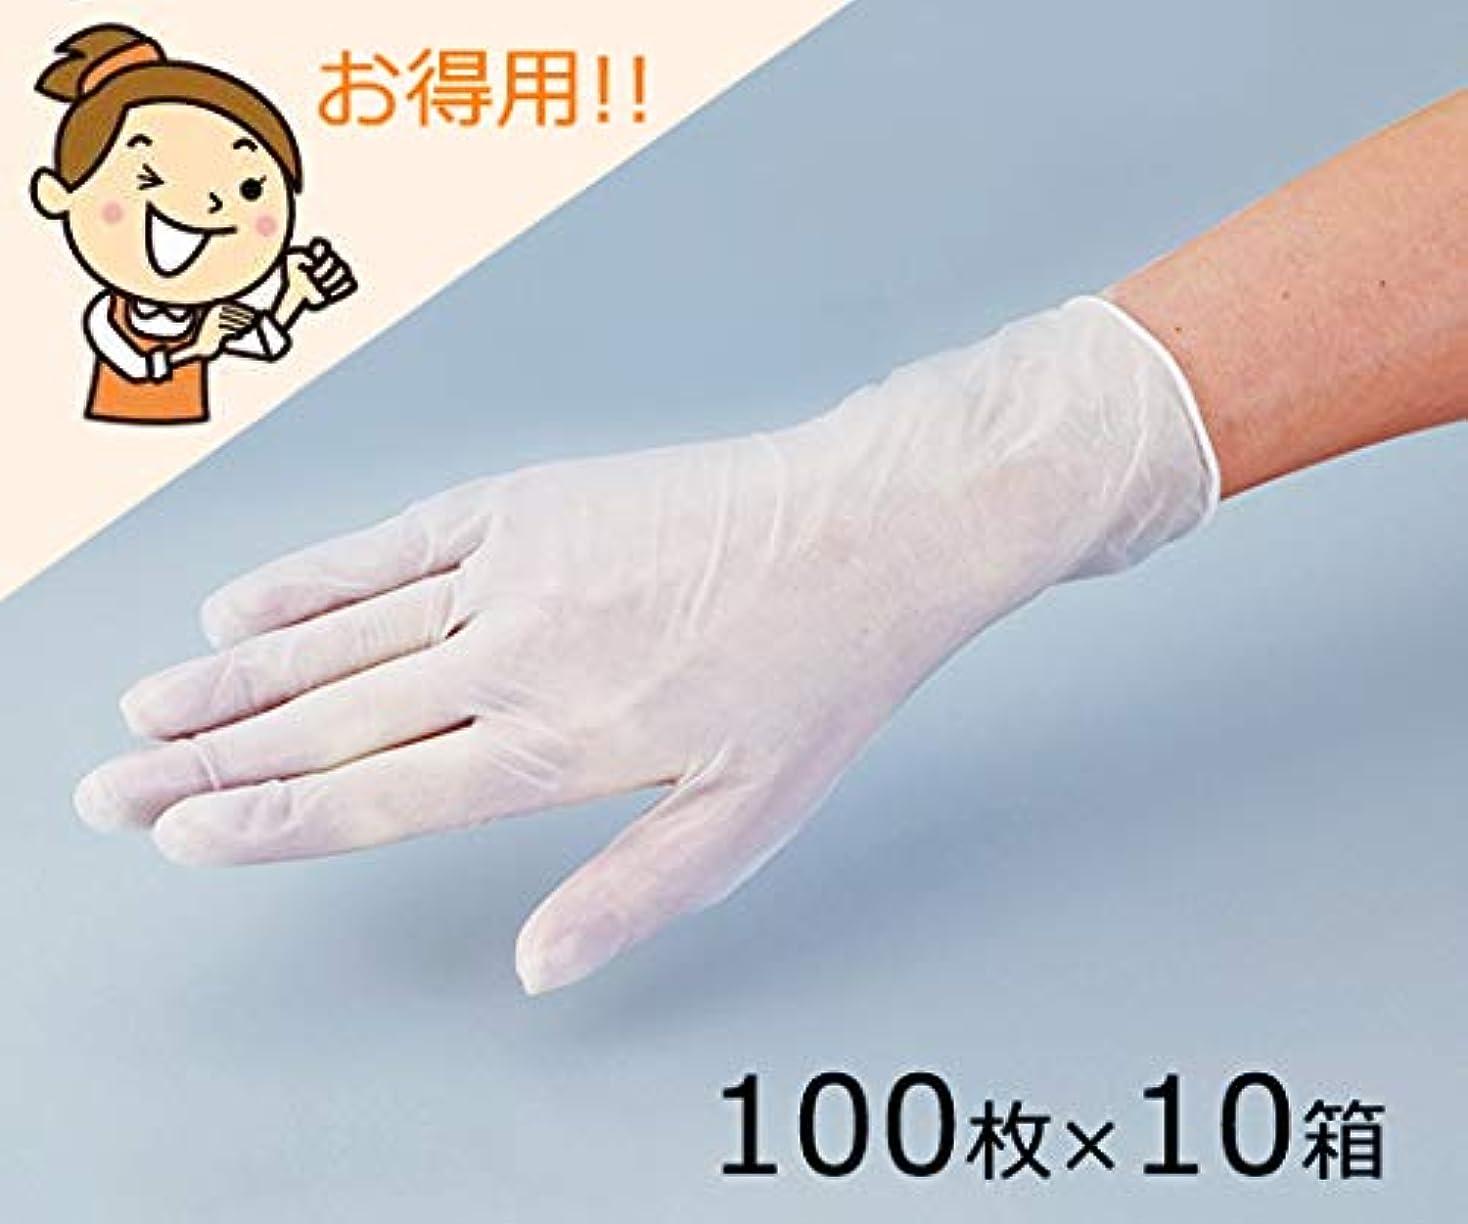 パッチターミナル刺激するアズワン7-2396-12ケアプラスチック手袋(パウダーフリー)M1ケース(100枚/箱×10箱入)